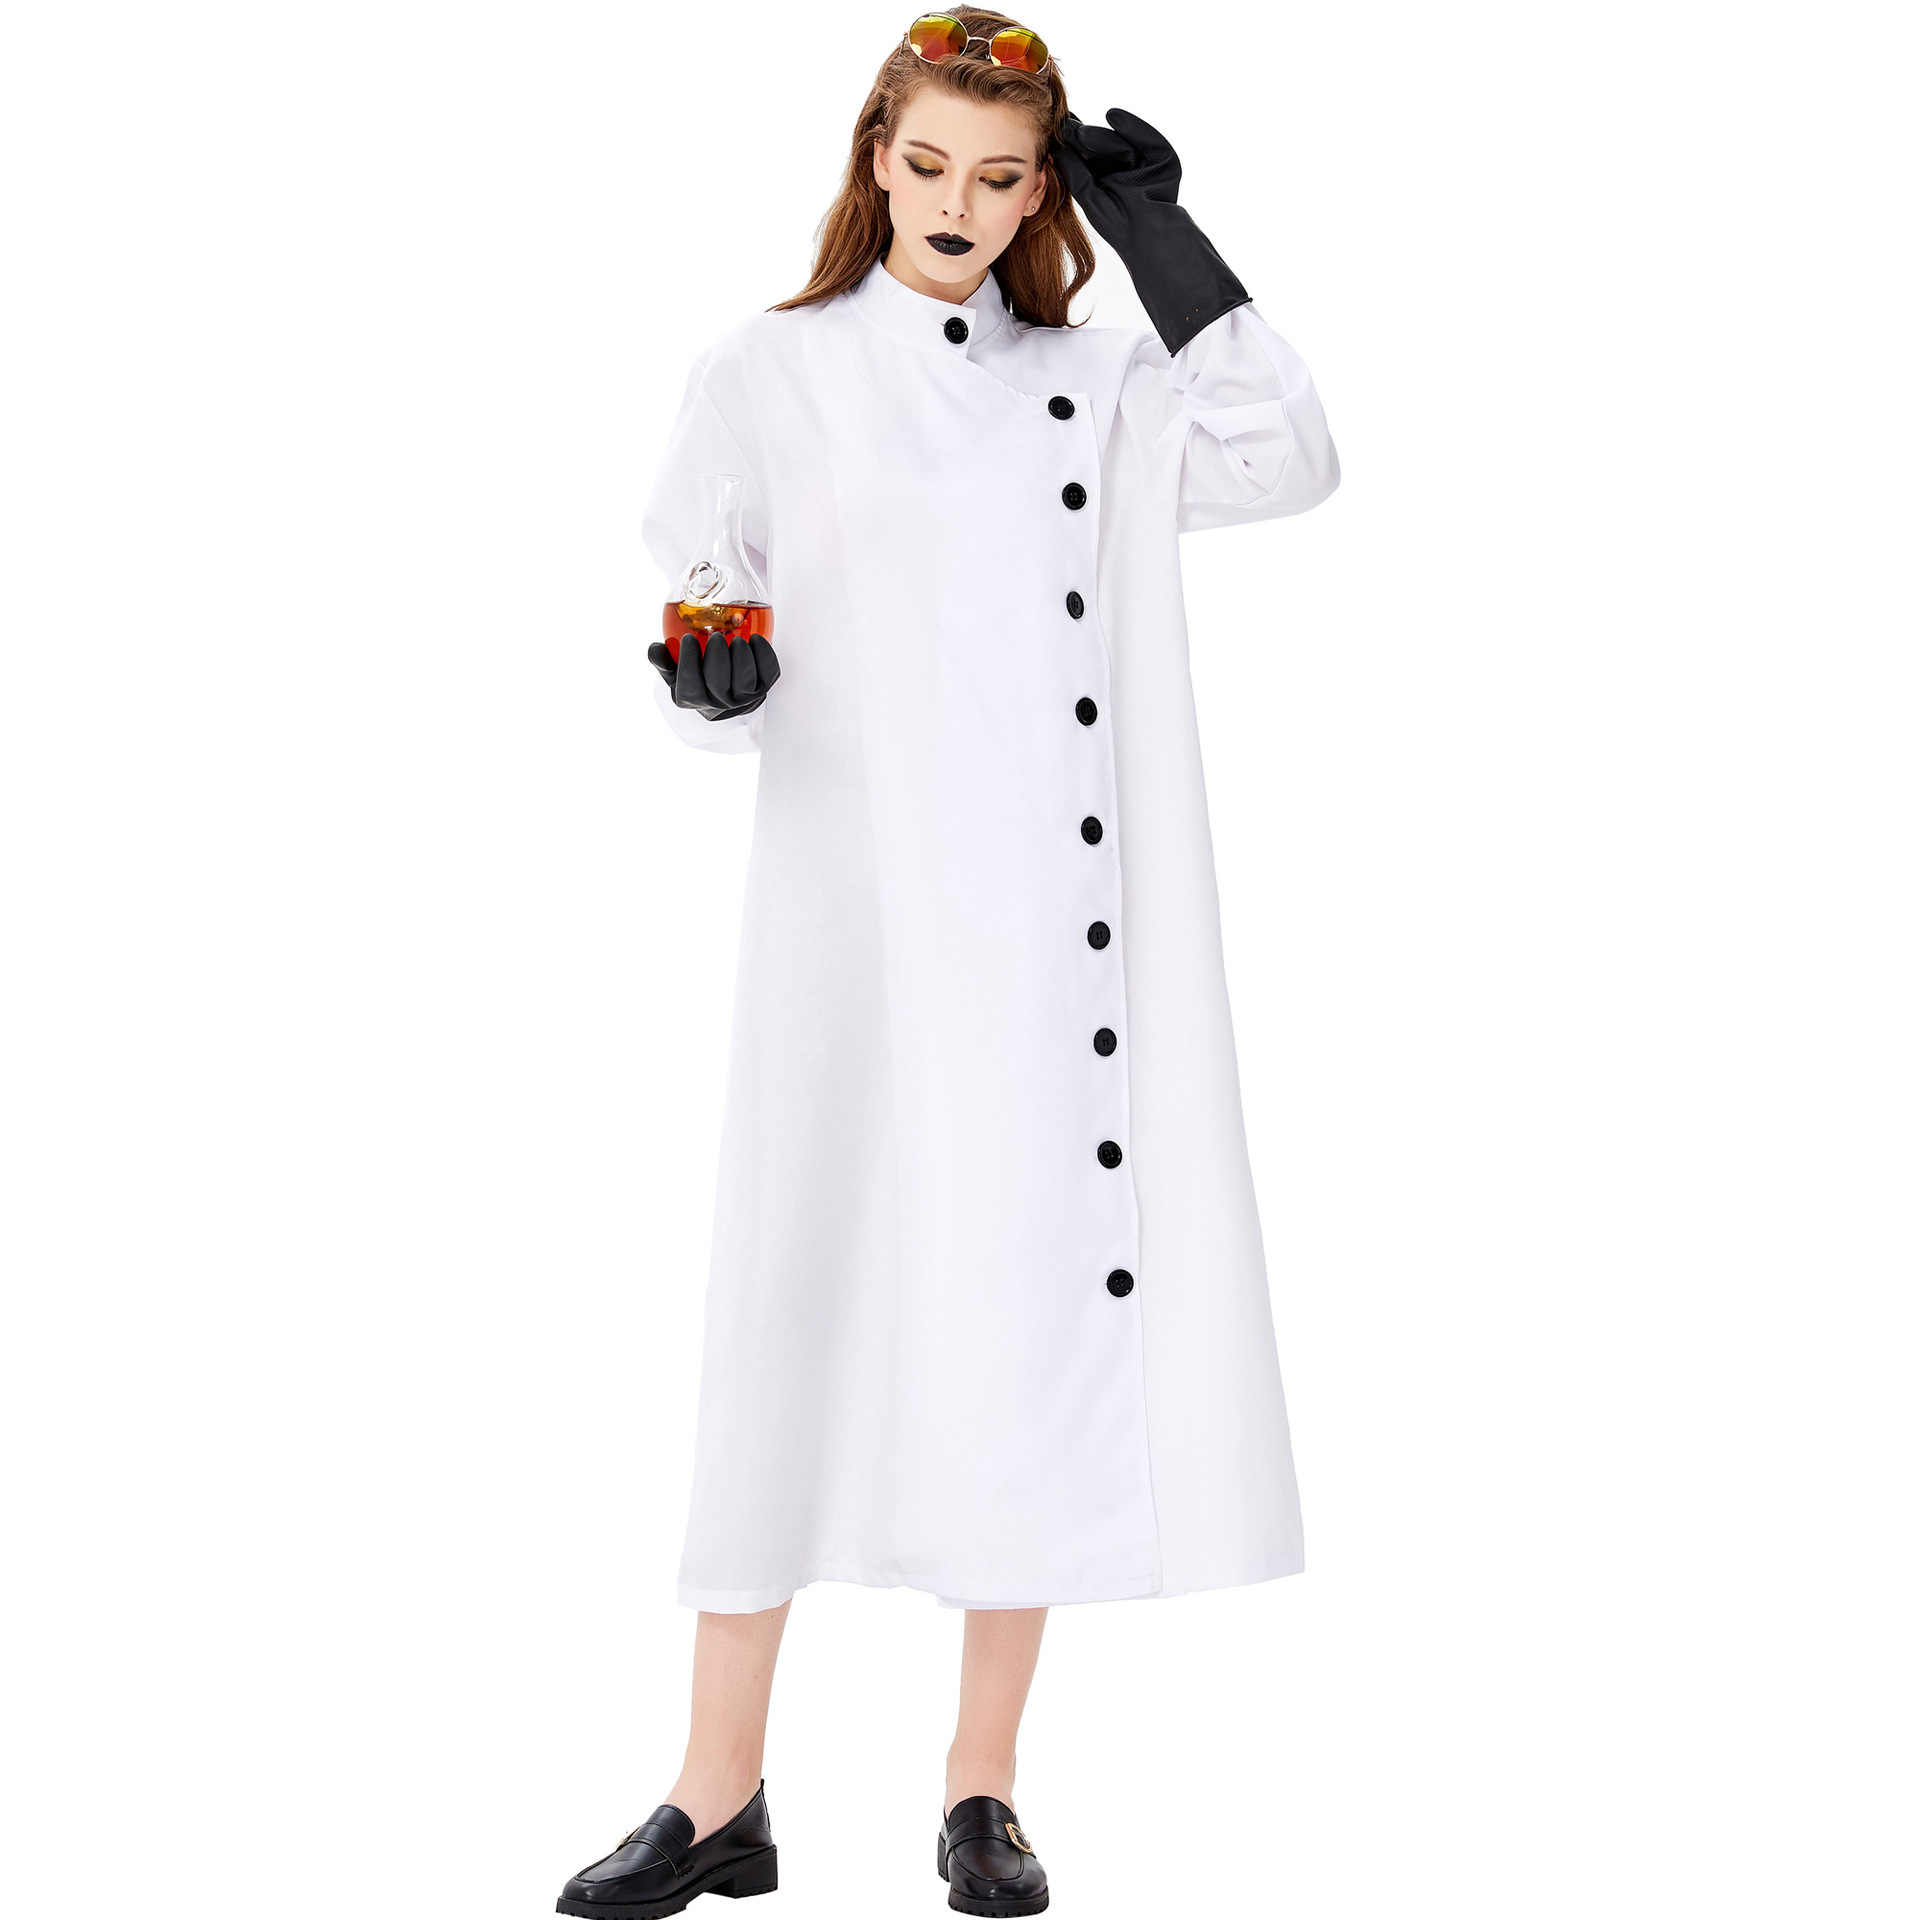 Для хеллоуина и карнавала костюм ниндзя spoof вечерние ролевые платья для косплея crazy mad scientian униформа для женщин готический костюм ужасного призрака